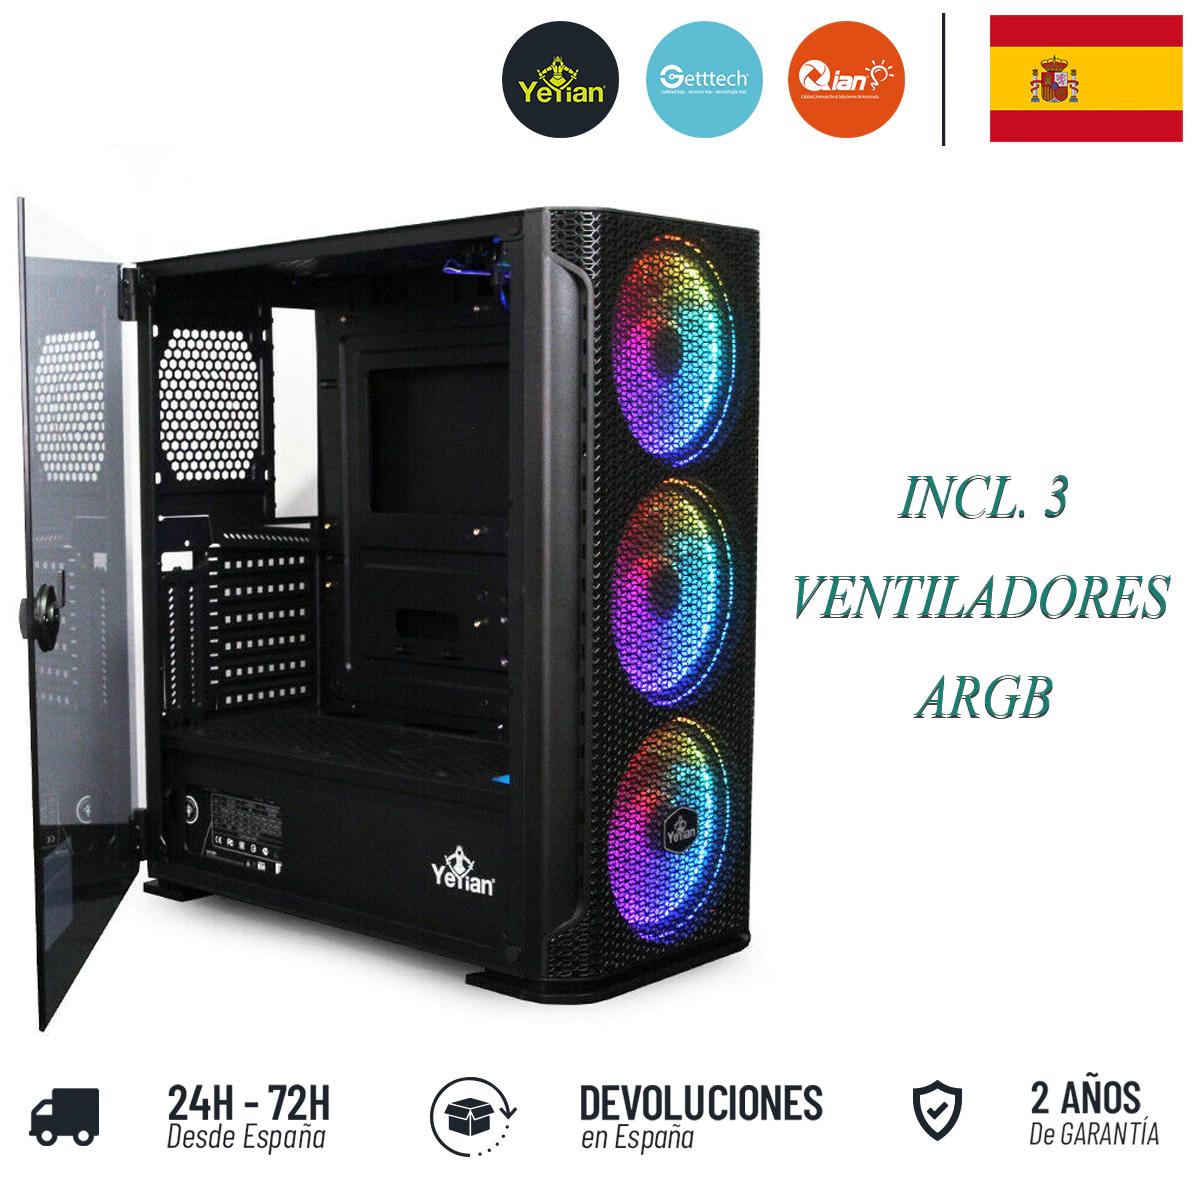 Caja de PC Yeyian con cristal templado y 3 ventiladores ARGB [Desde España]